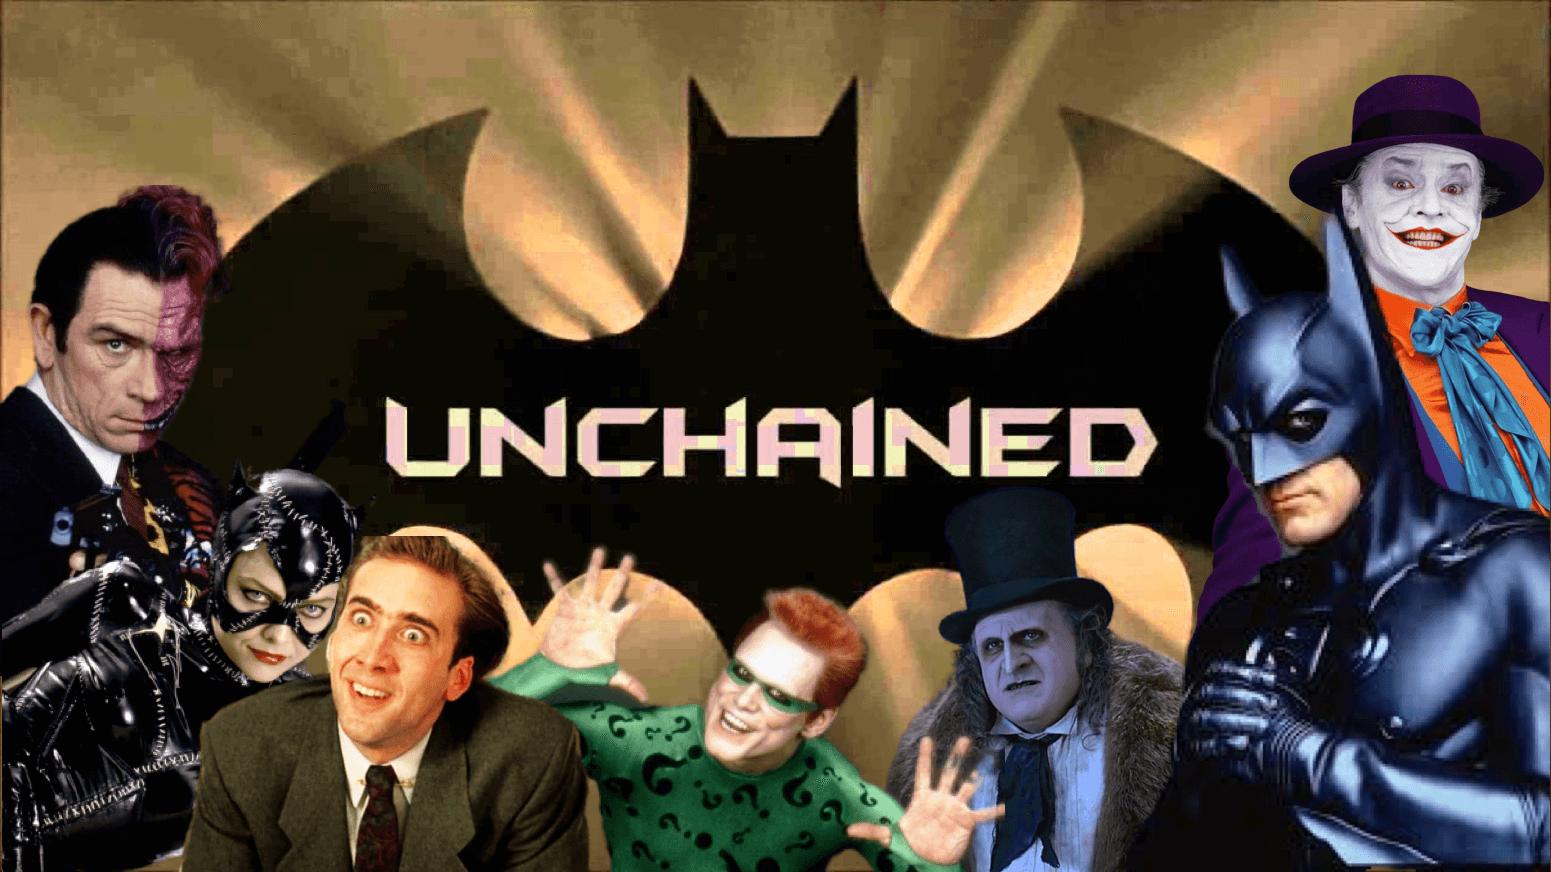 【專題】那些年,我們永遠錯過的蝙蝠俠電影 (一):沒有昨天的失敗,不會有明天的勝利首圖